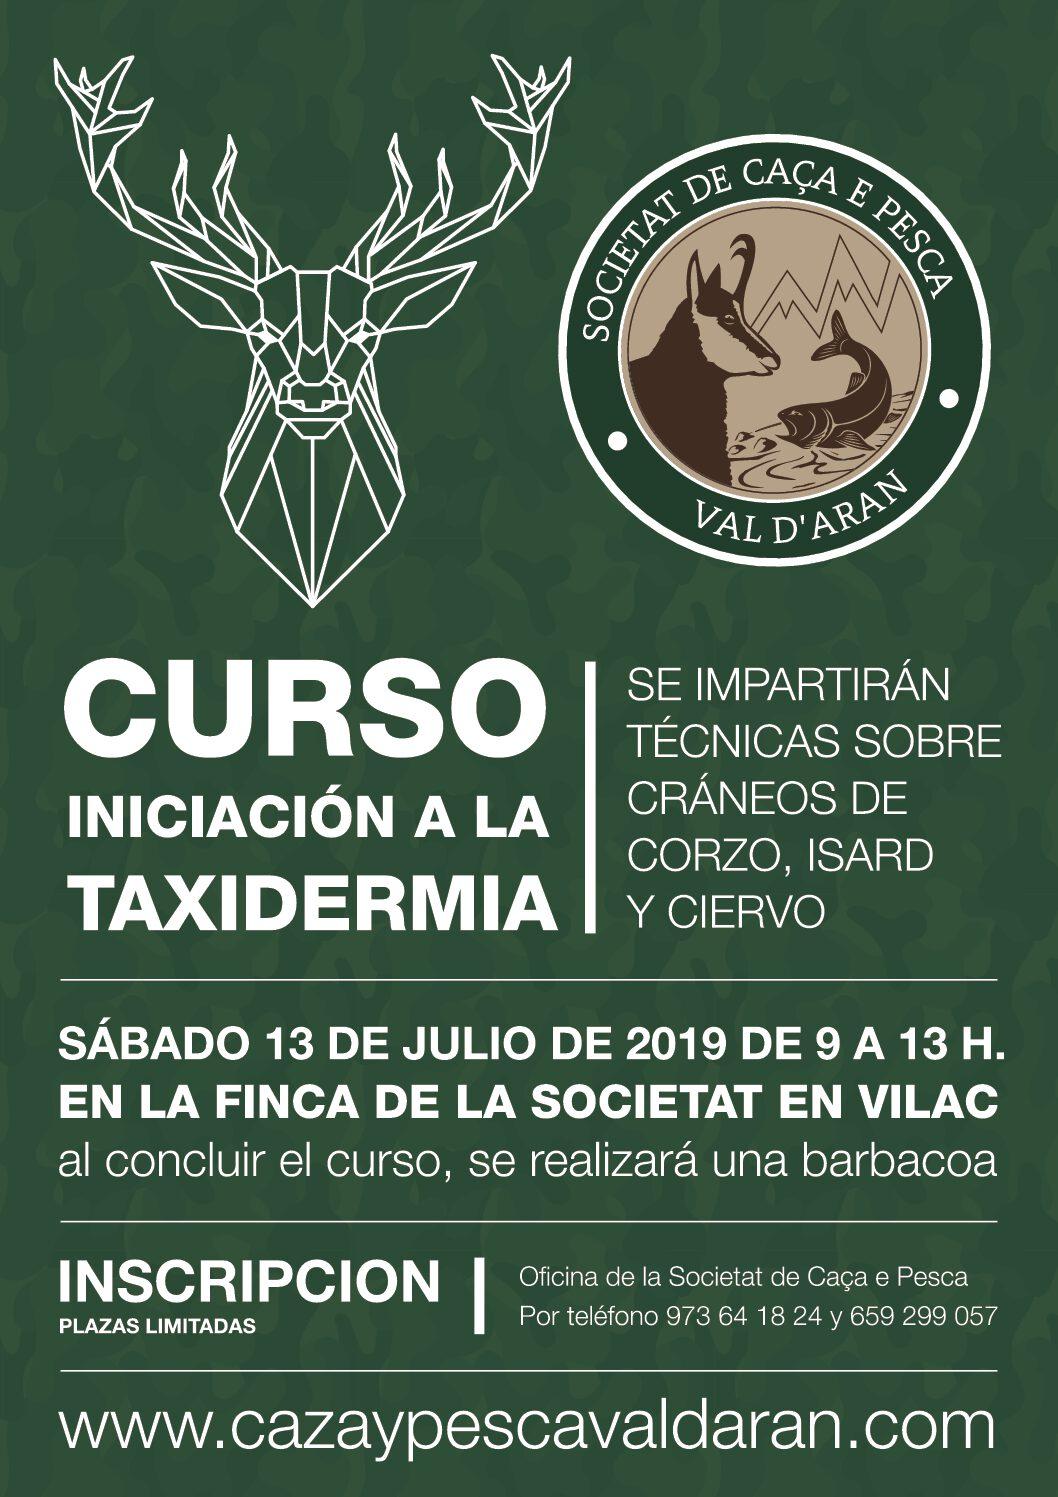 CURSO DE INICIACIÓN A LA TAXIDERMIA